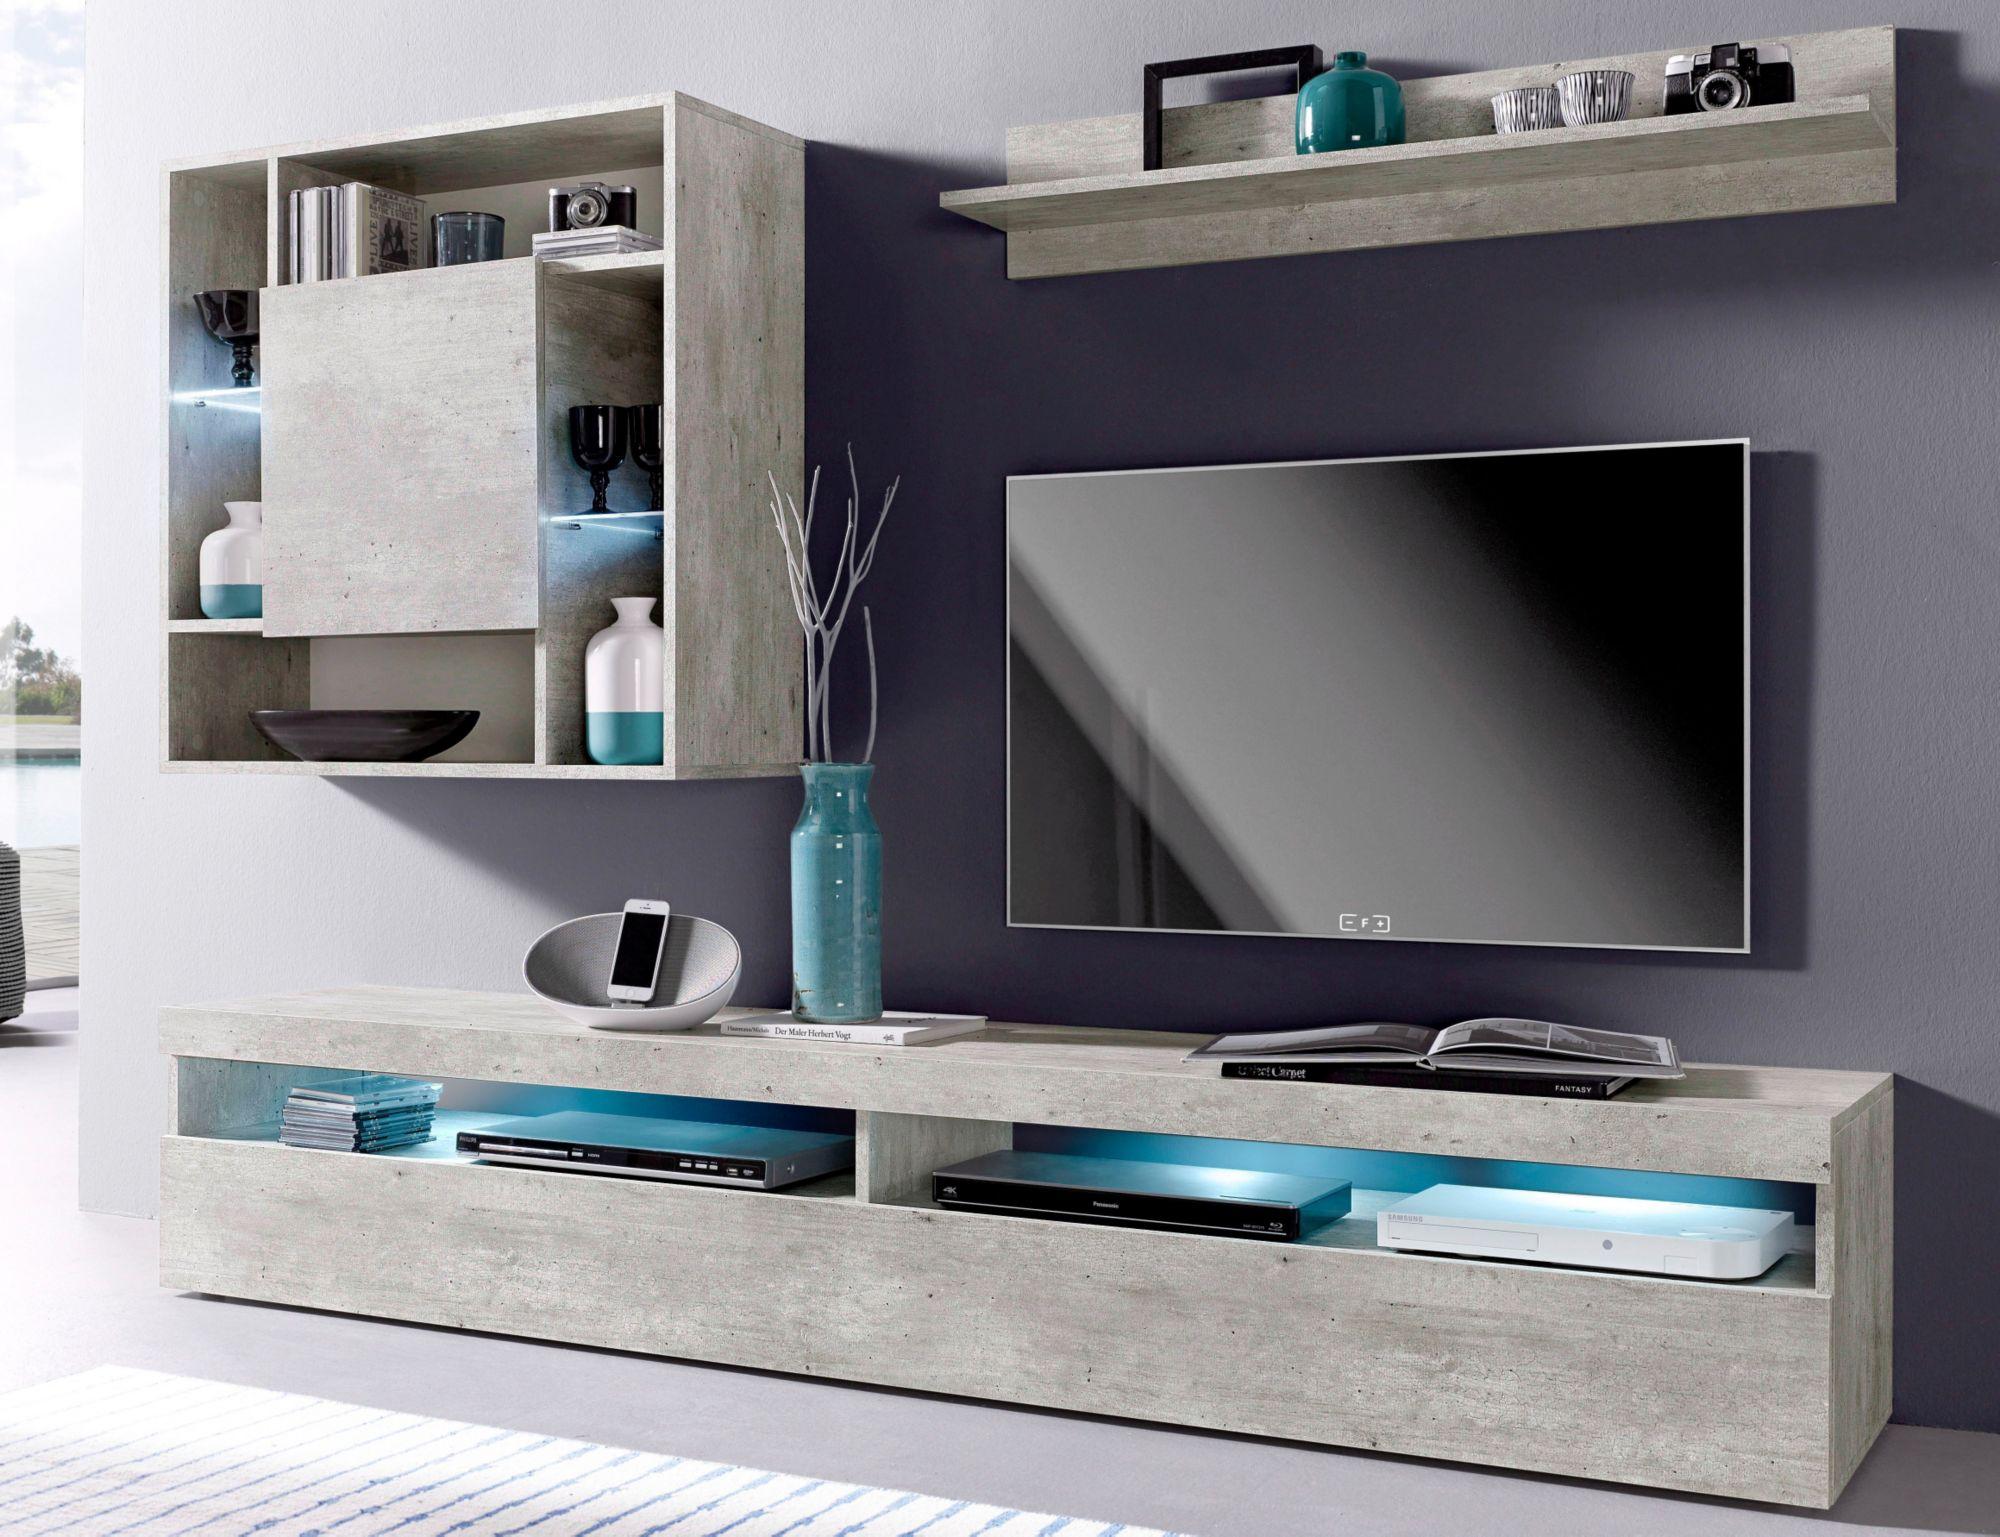 schlafzimmer deckenleuchte design. Black Bedroom Furniture Sets. Home Design Ideas